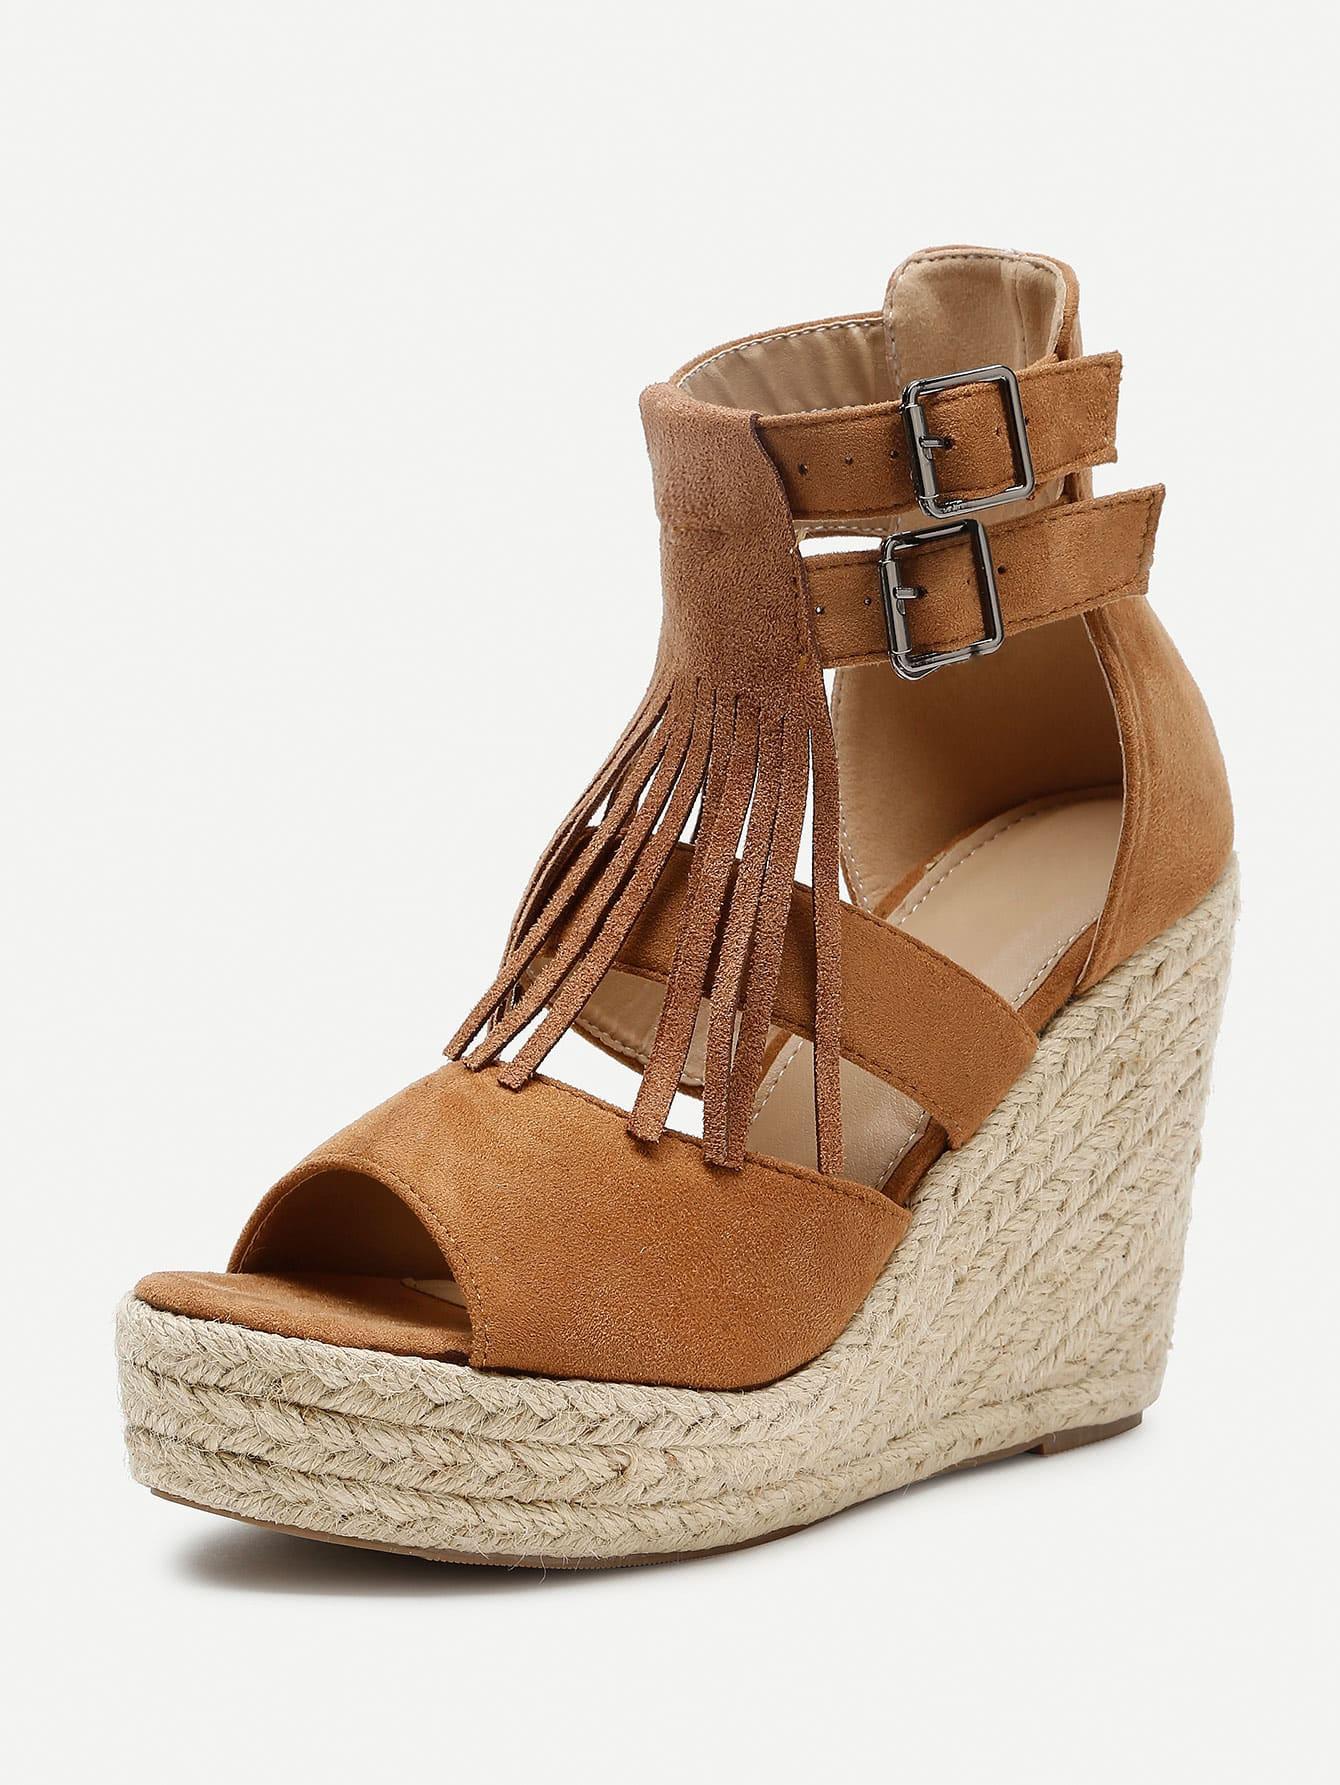 shoes170421815_2